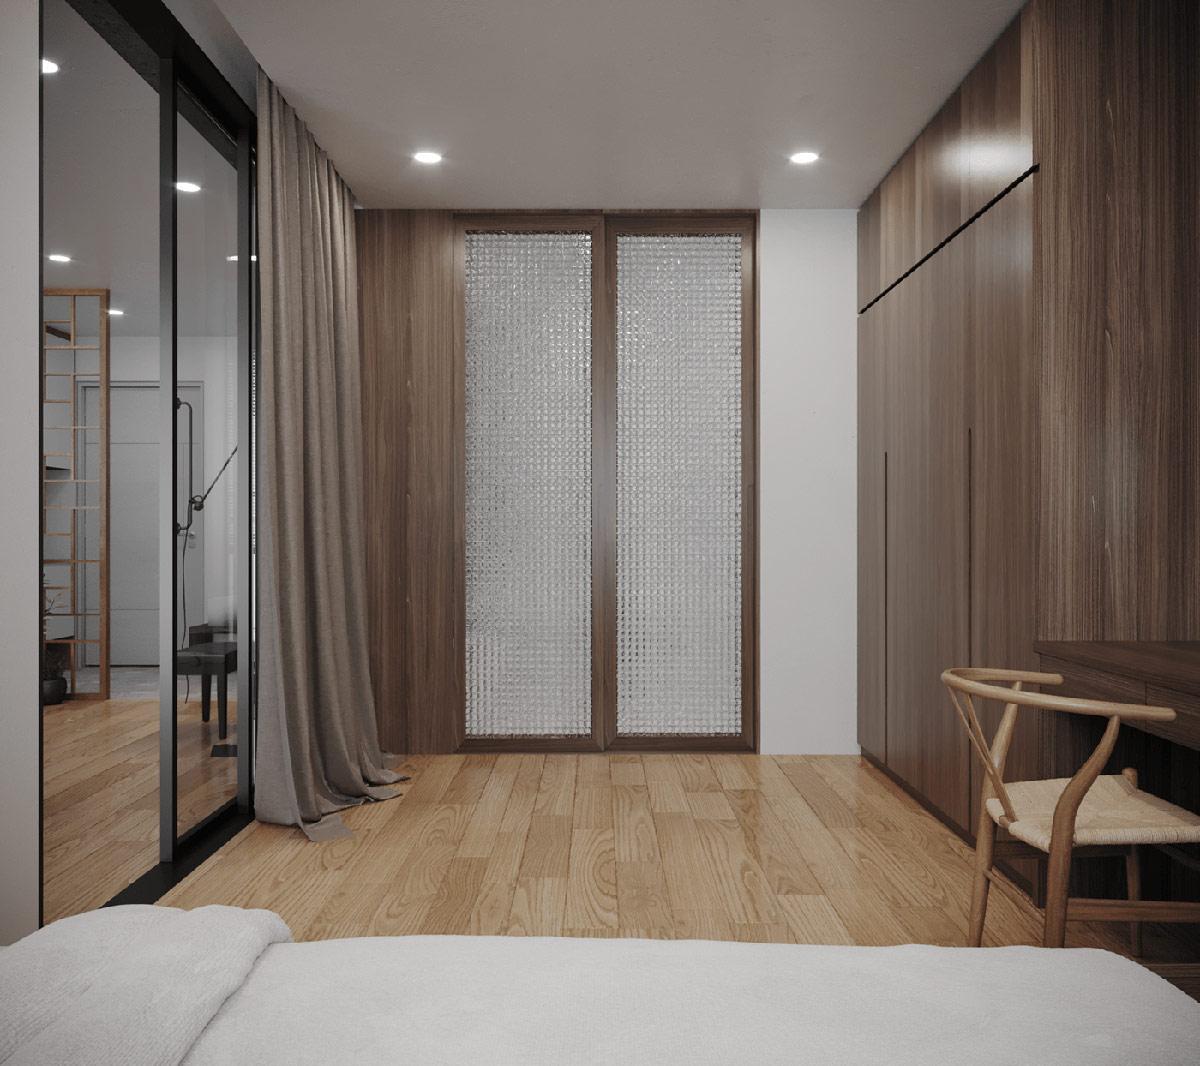 minimlalist-bedroom